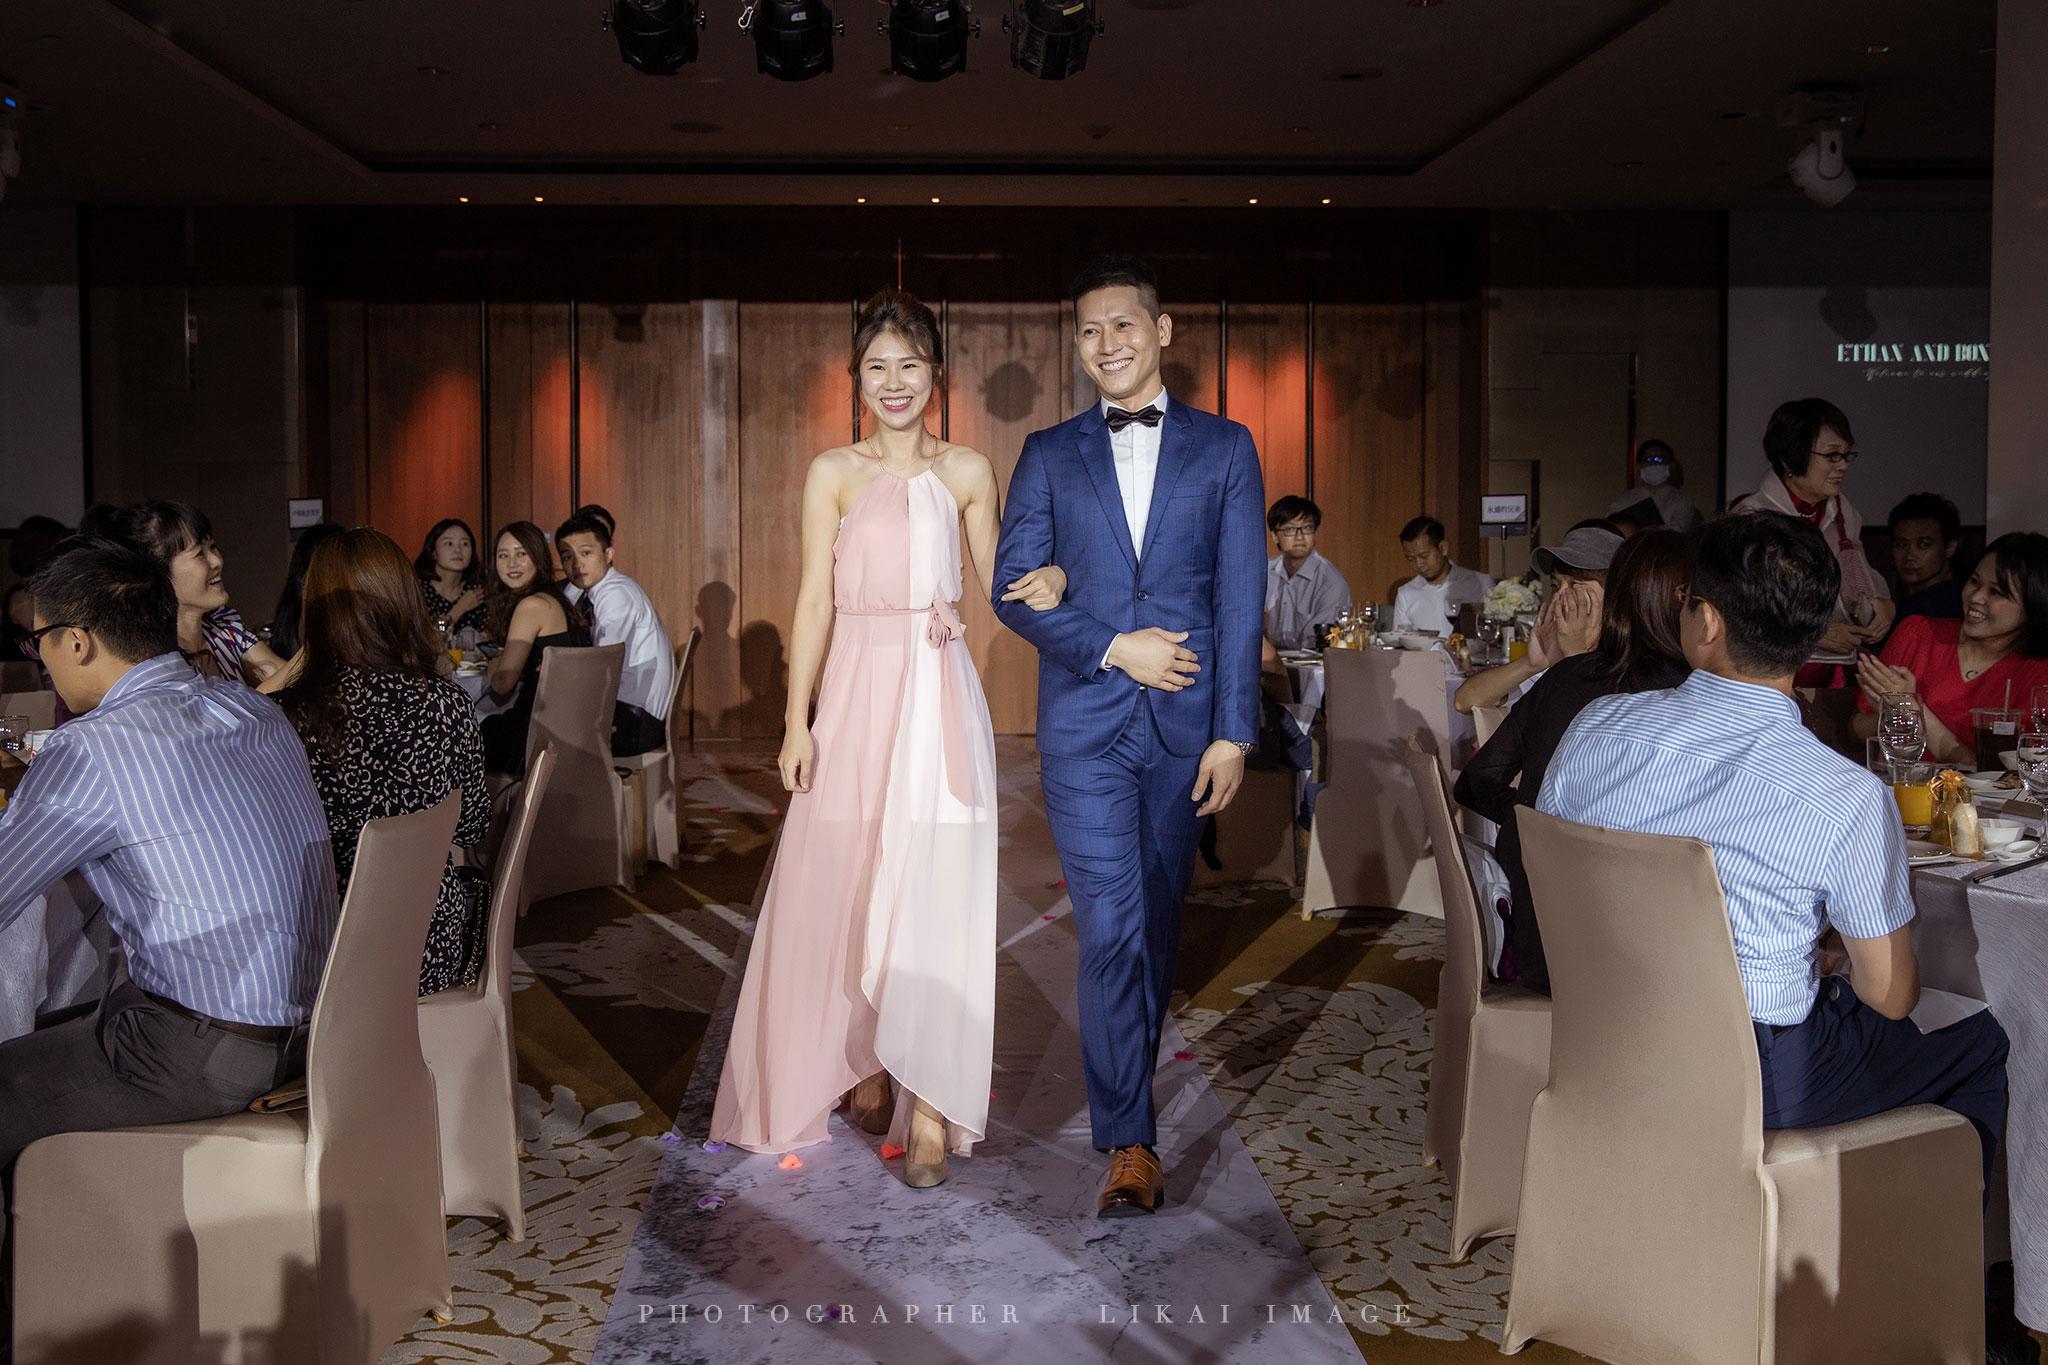 婚禮紀錄 - Bonnie & Ethan - 大溪威斯汀度假酒店